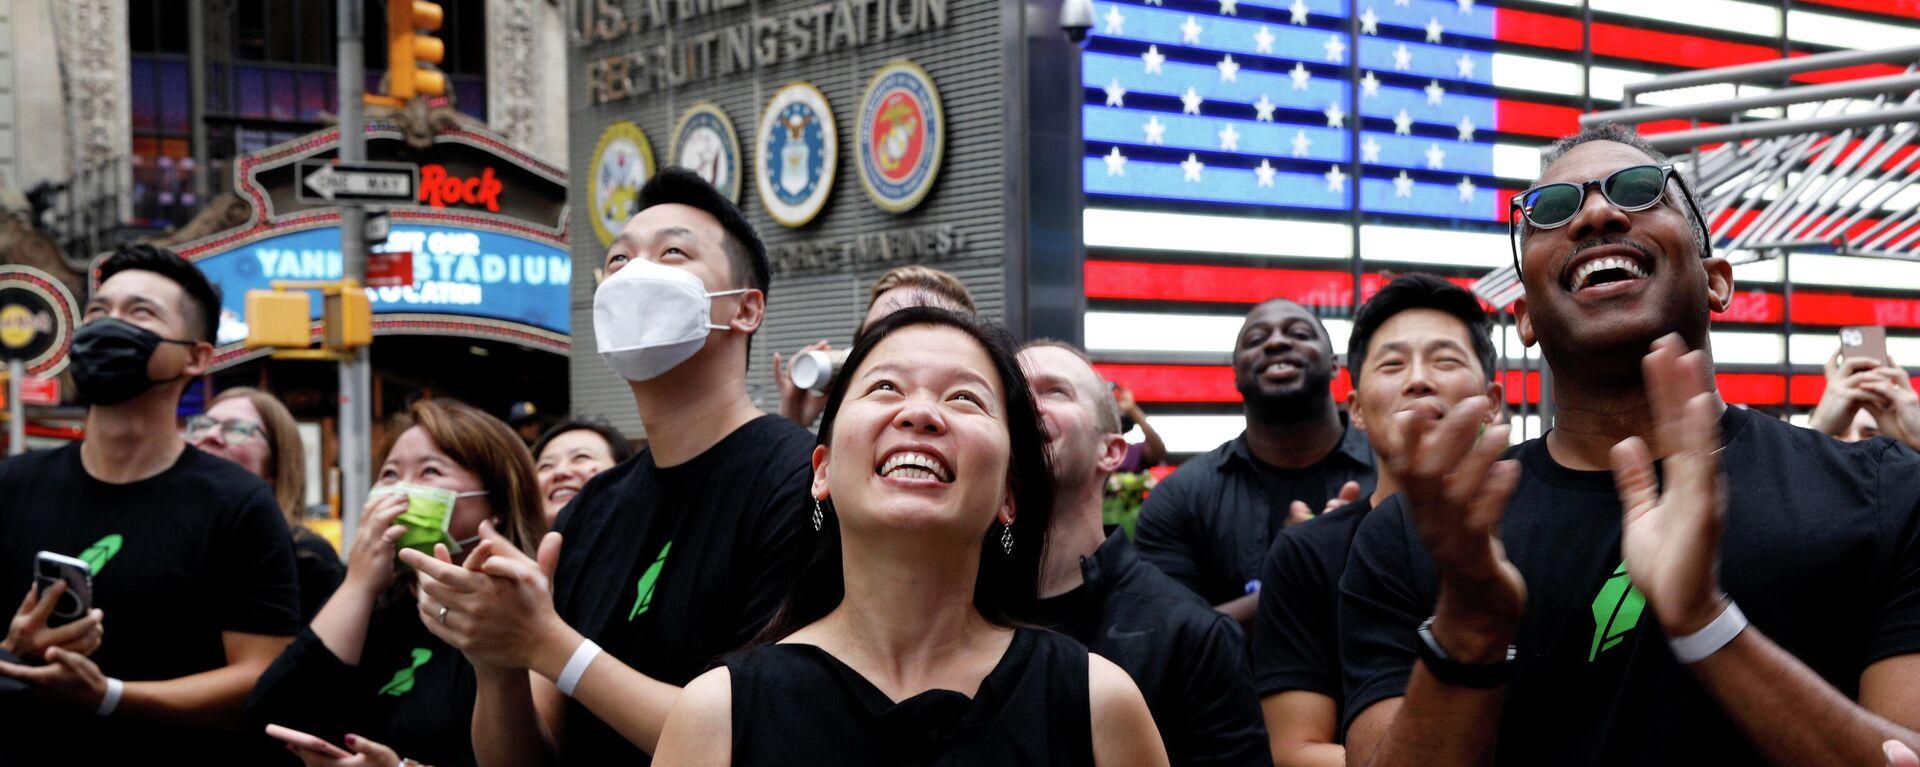 ABD, New York, Asyalılar, siyah Amerikalılar, azınlık - Sputnik Türkiye, 1920, 12.08.2021